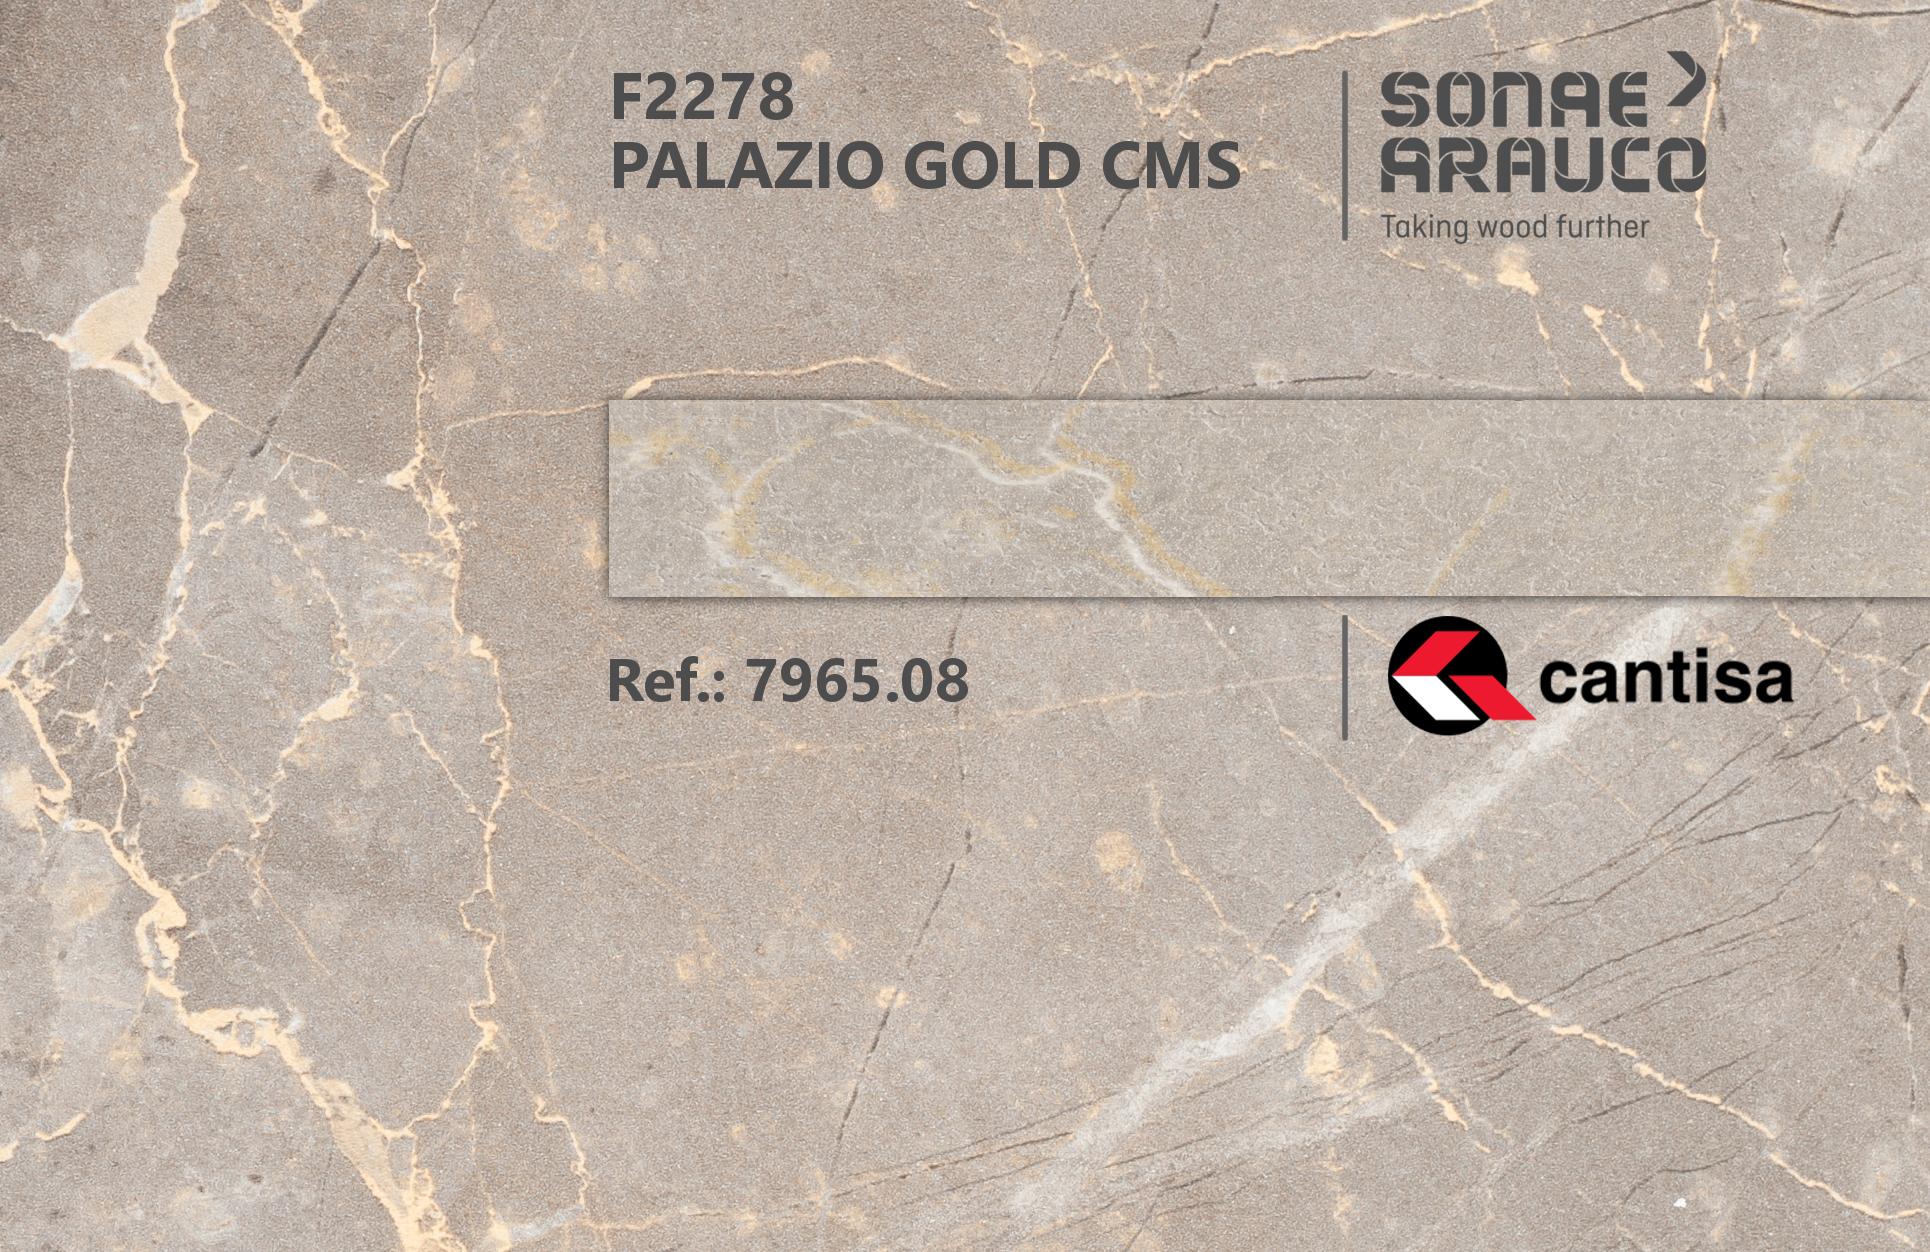 Palazio Gold | Innovus Sonae Arauco